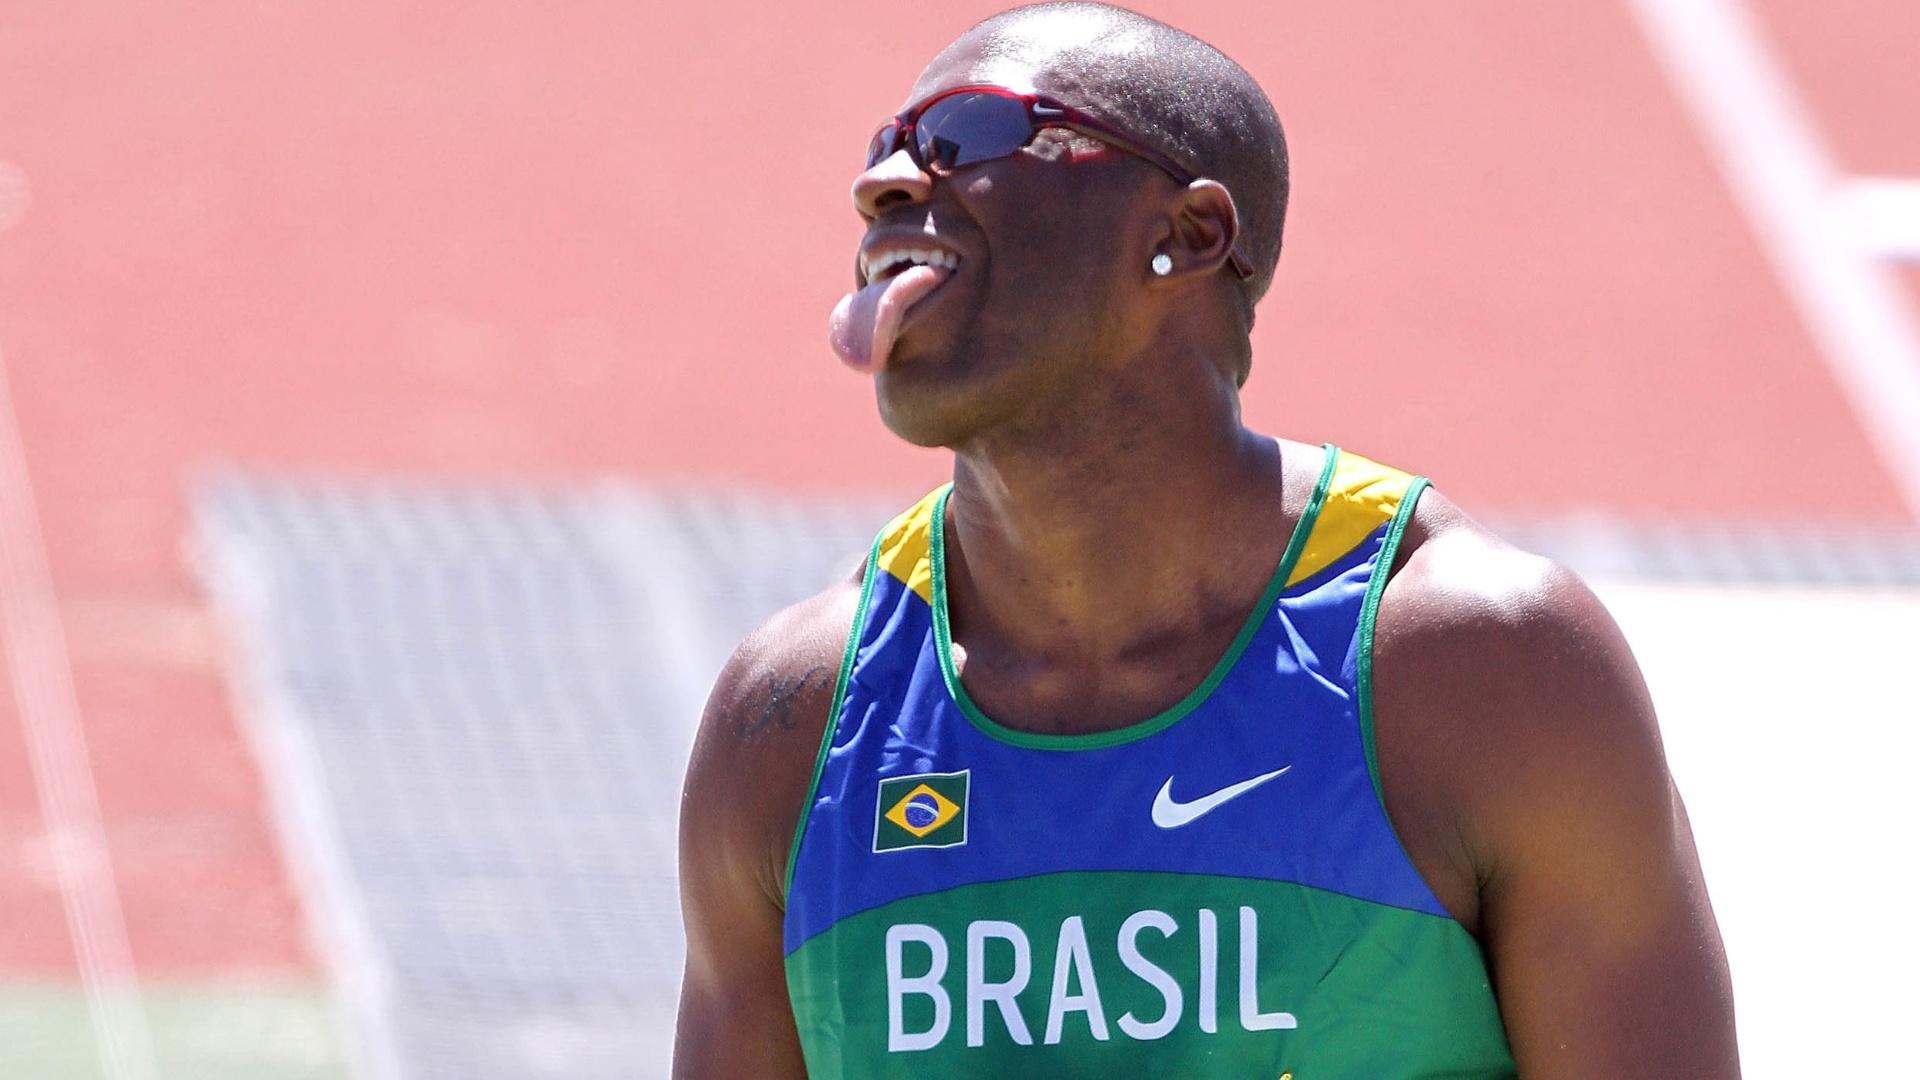 Brasileiro Jefferson Sabino participa das eliminatórias do salto em distância em Guadalajara